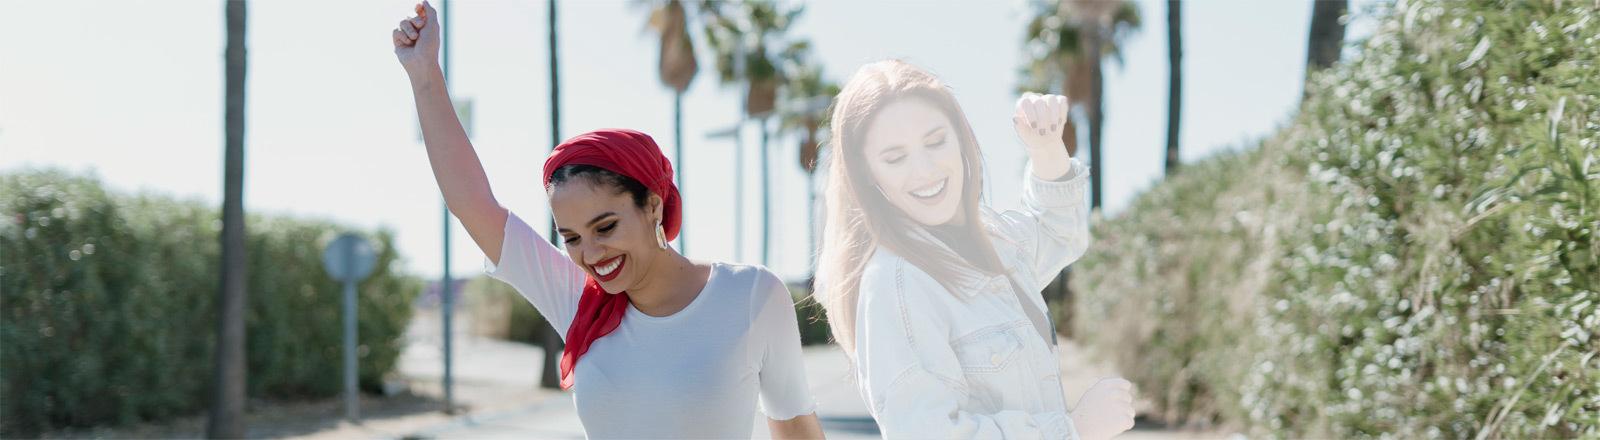 Symbolbild Ghosting: Zwei junge Frauen tanzen auf einer Straße - eine Frau wirkt durchsichtig - wie ein Geist.